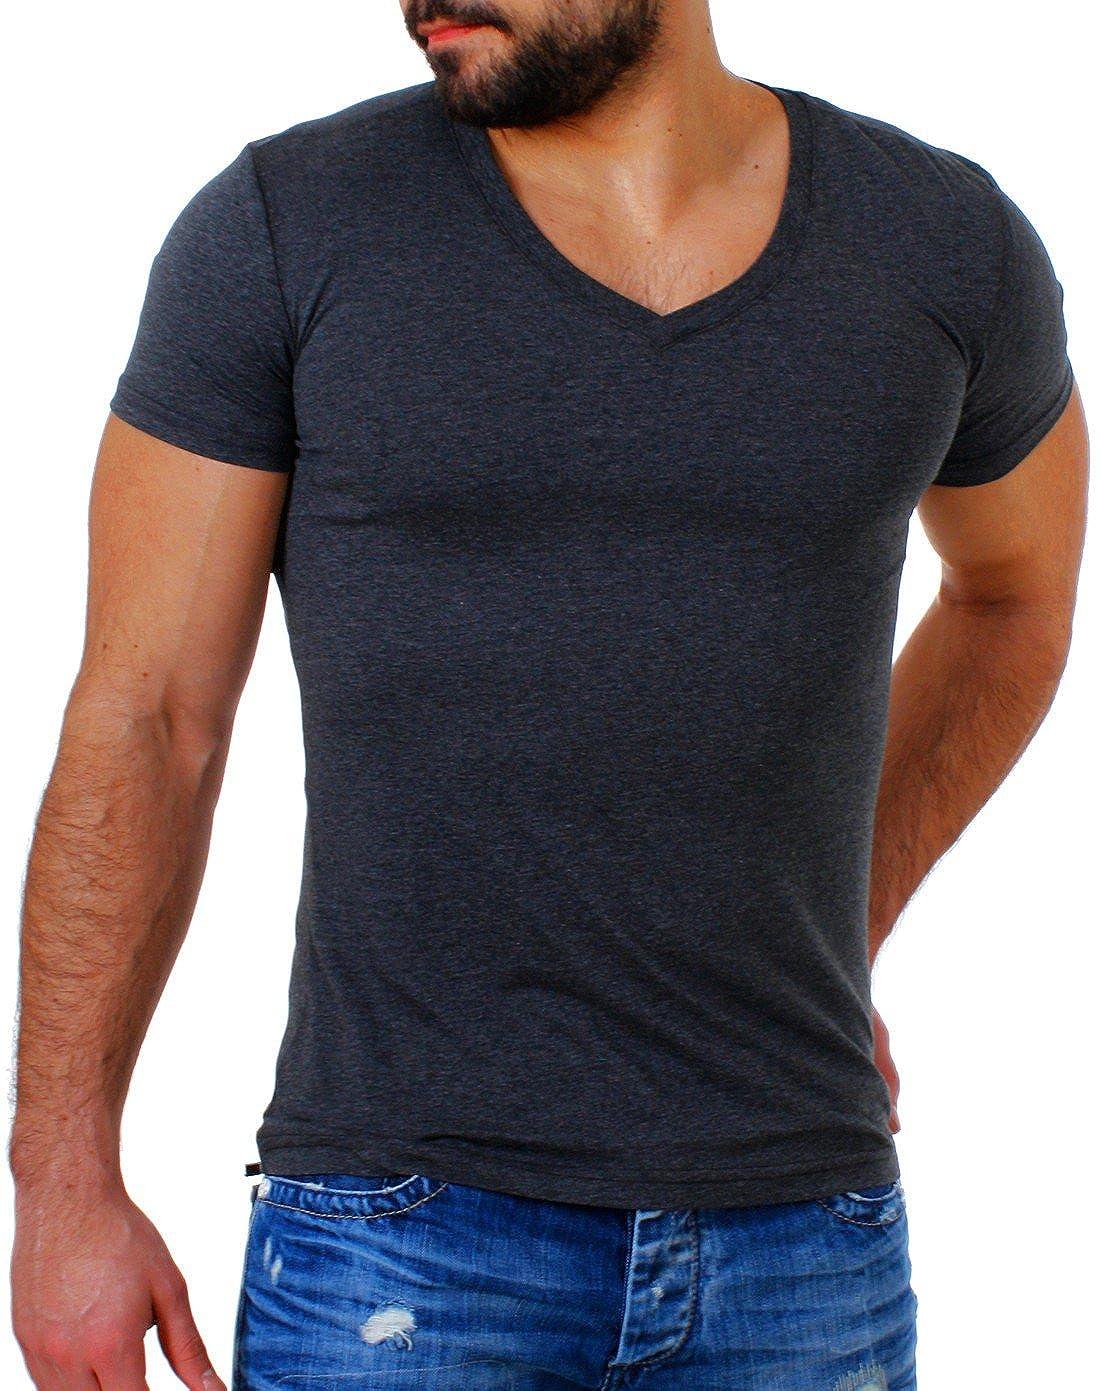 c497b9fe02eb Young Rich Herren Uni Basic T-Shirt mit tiefem V-Ausschnitt deep V-Neck  einfarbig Slimfit 1875  Amazon.de  Bekleidung